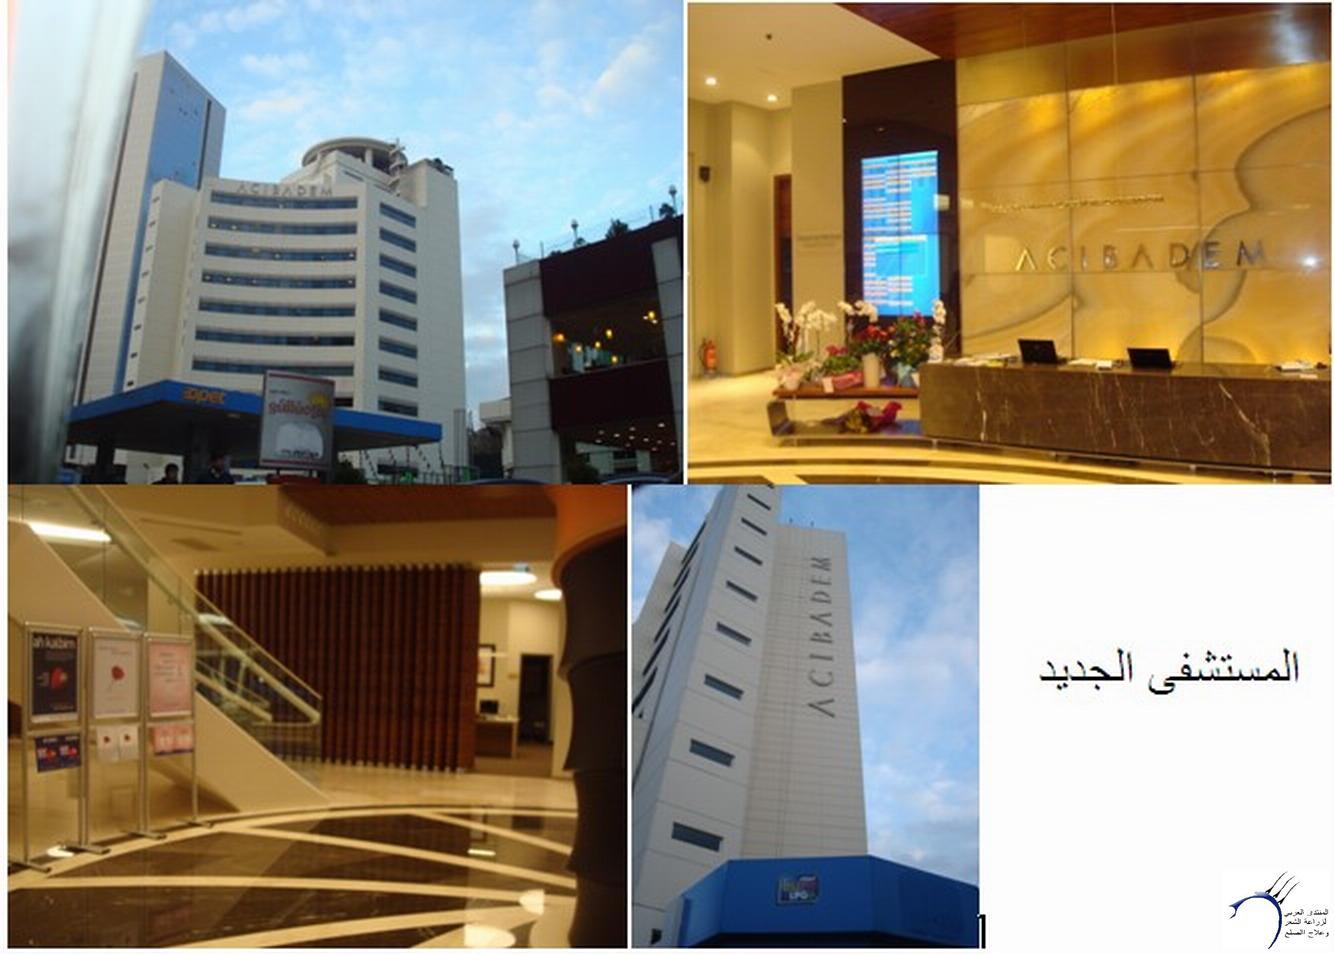 موضوعي زراعة الشعر 18-11-2011 _ستار www.hairarab.com19dd